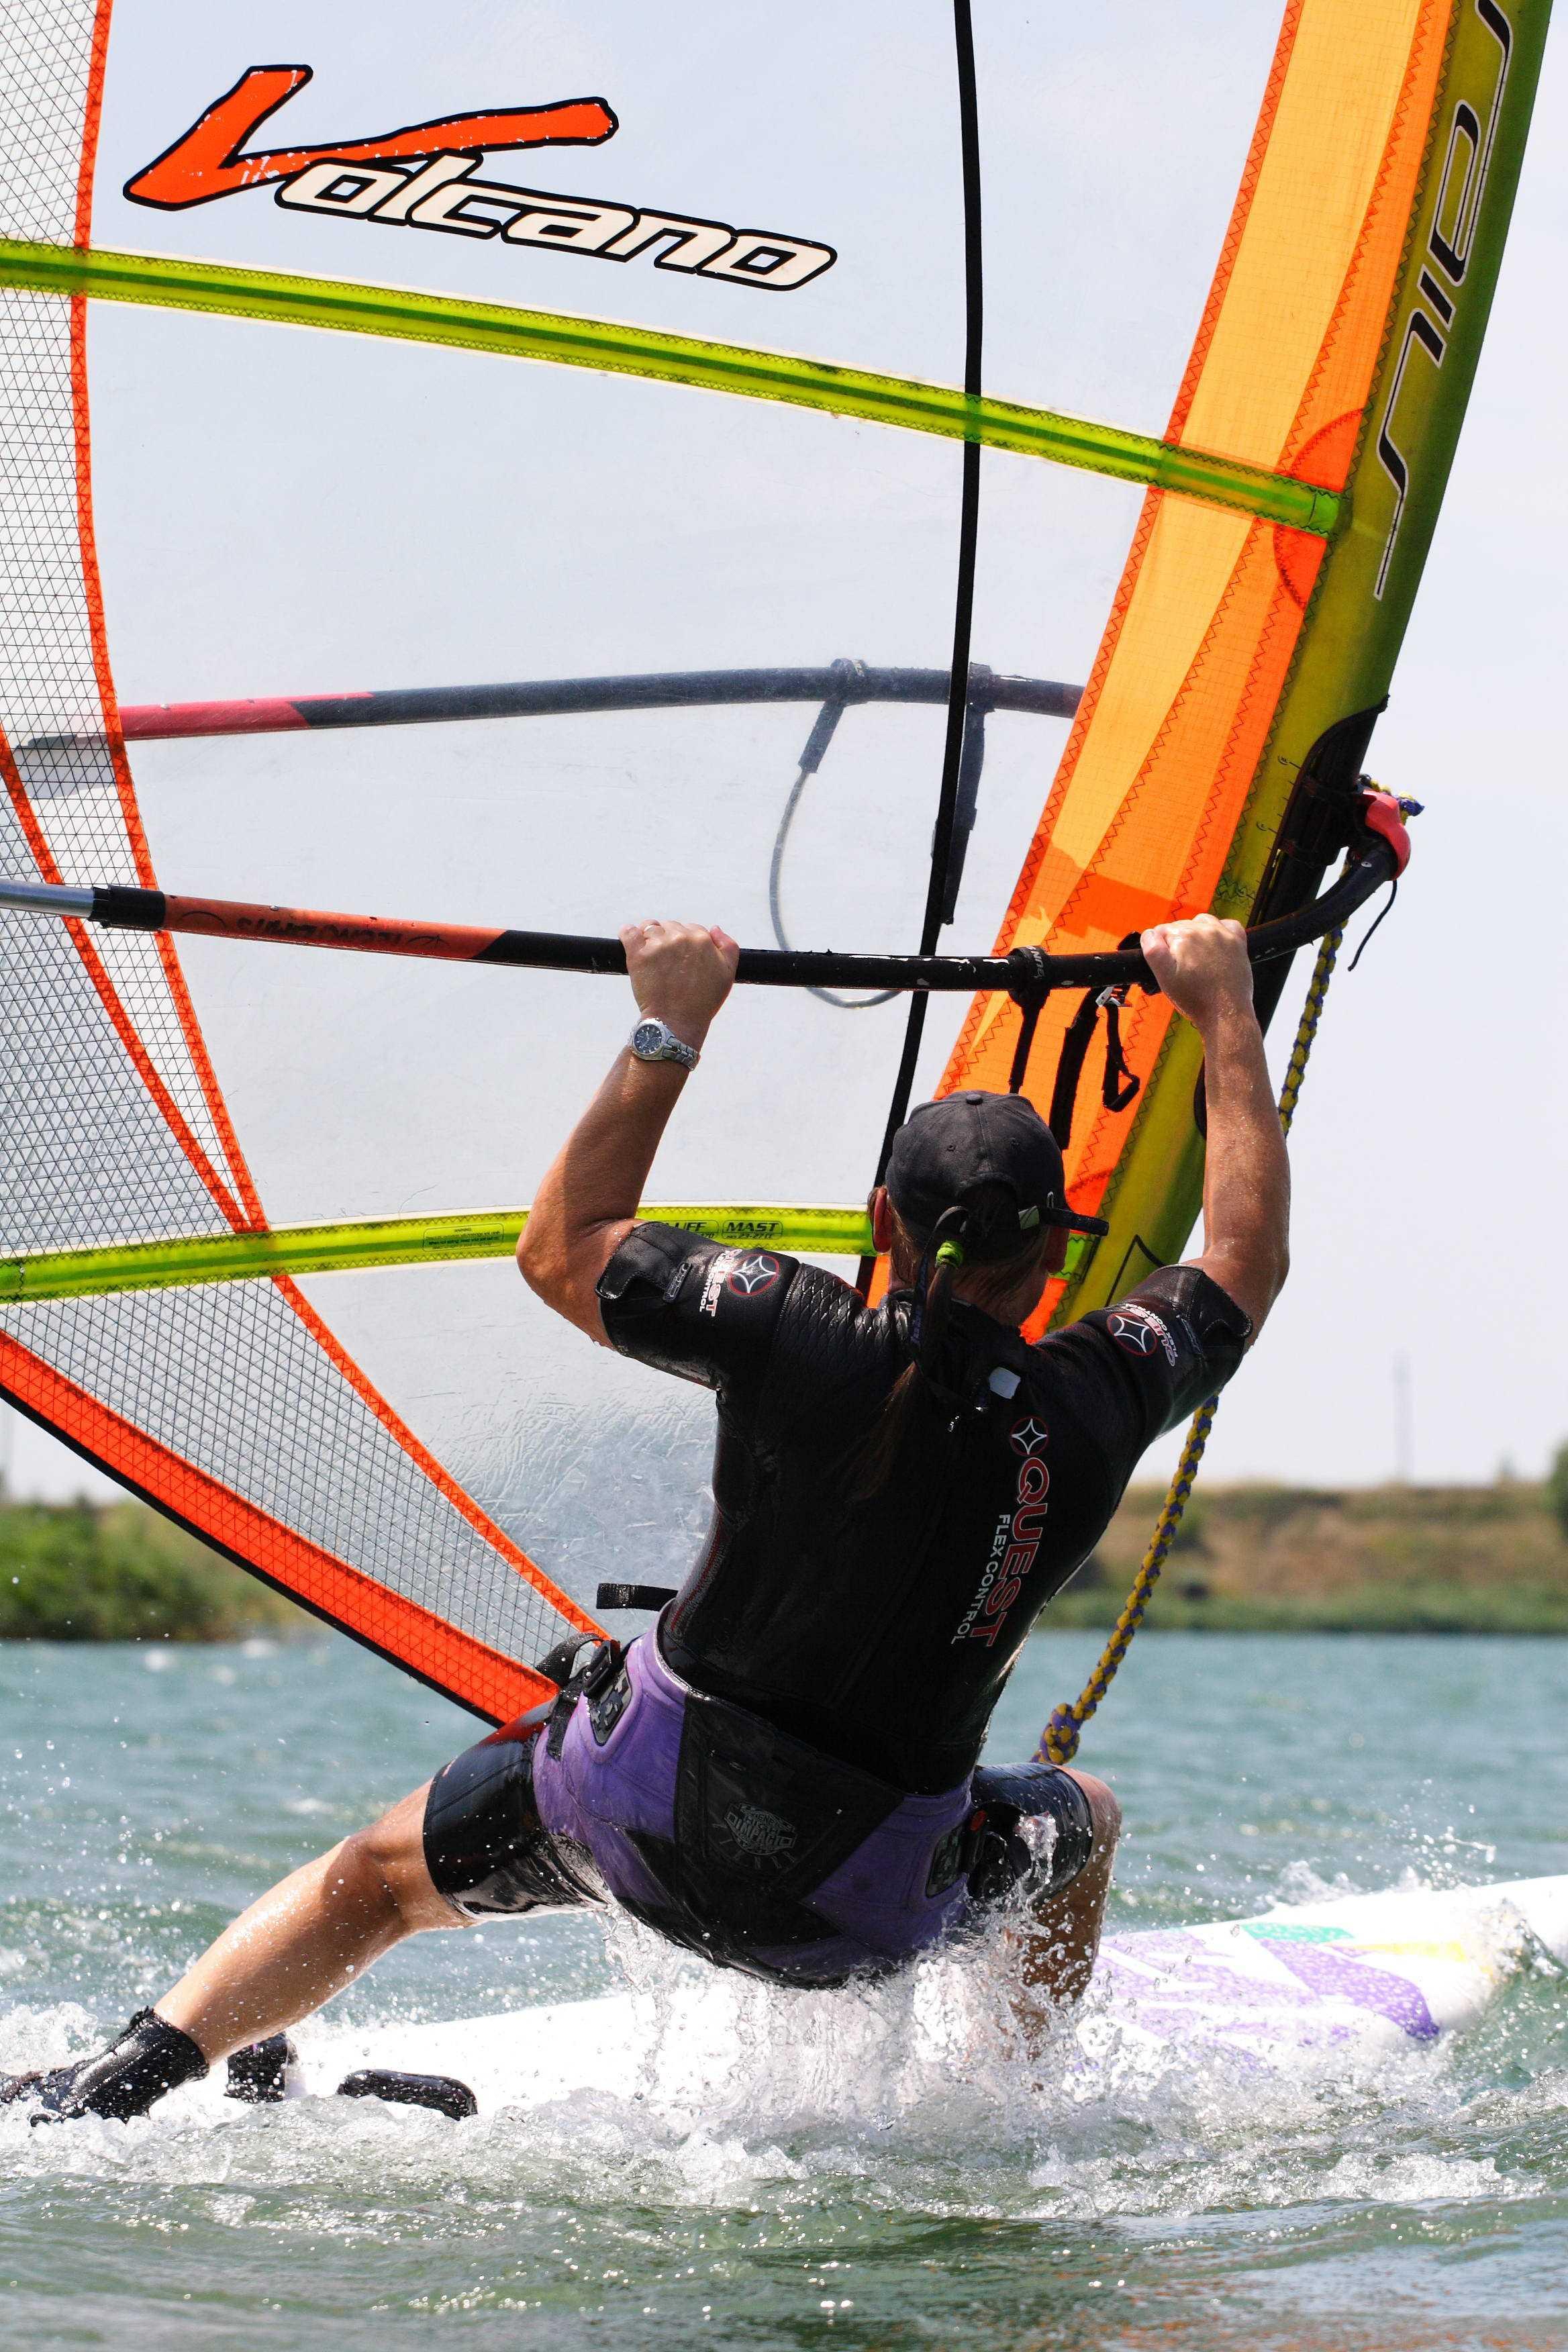 windsurfing-arad_09_2.jpg